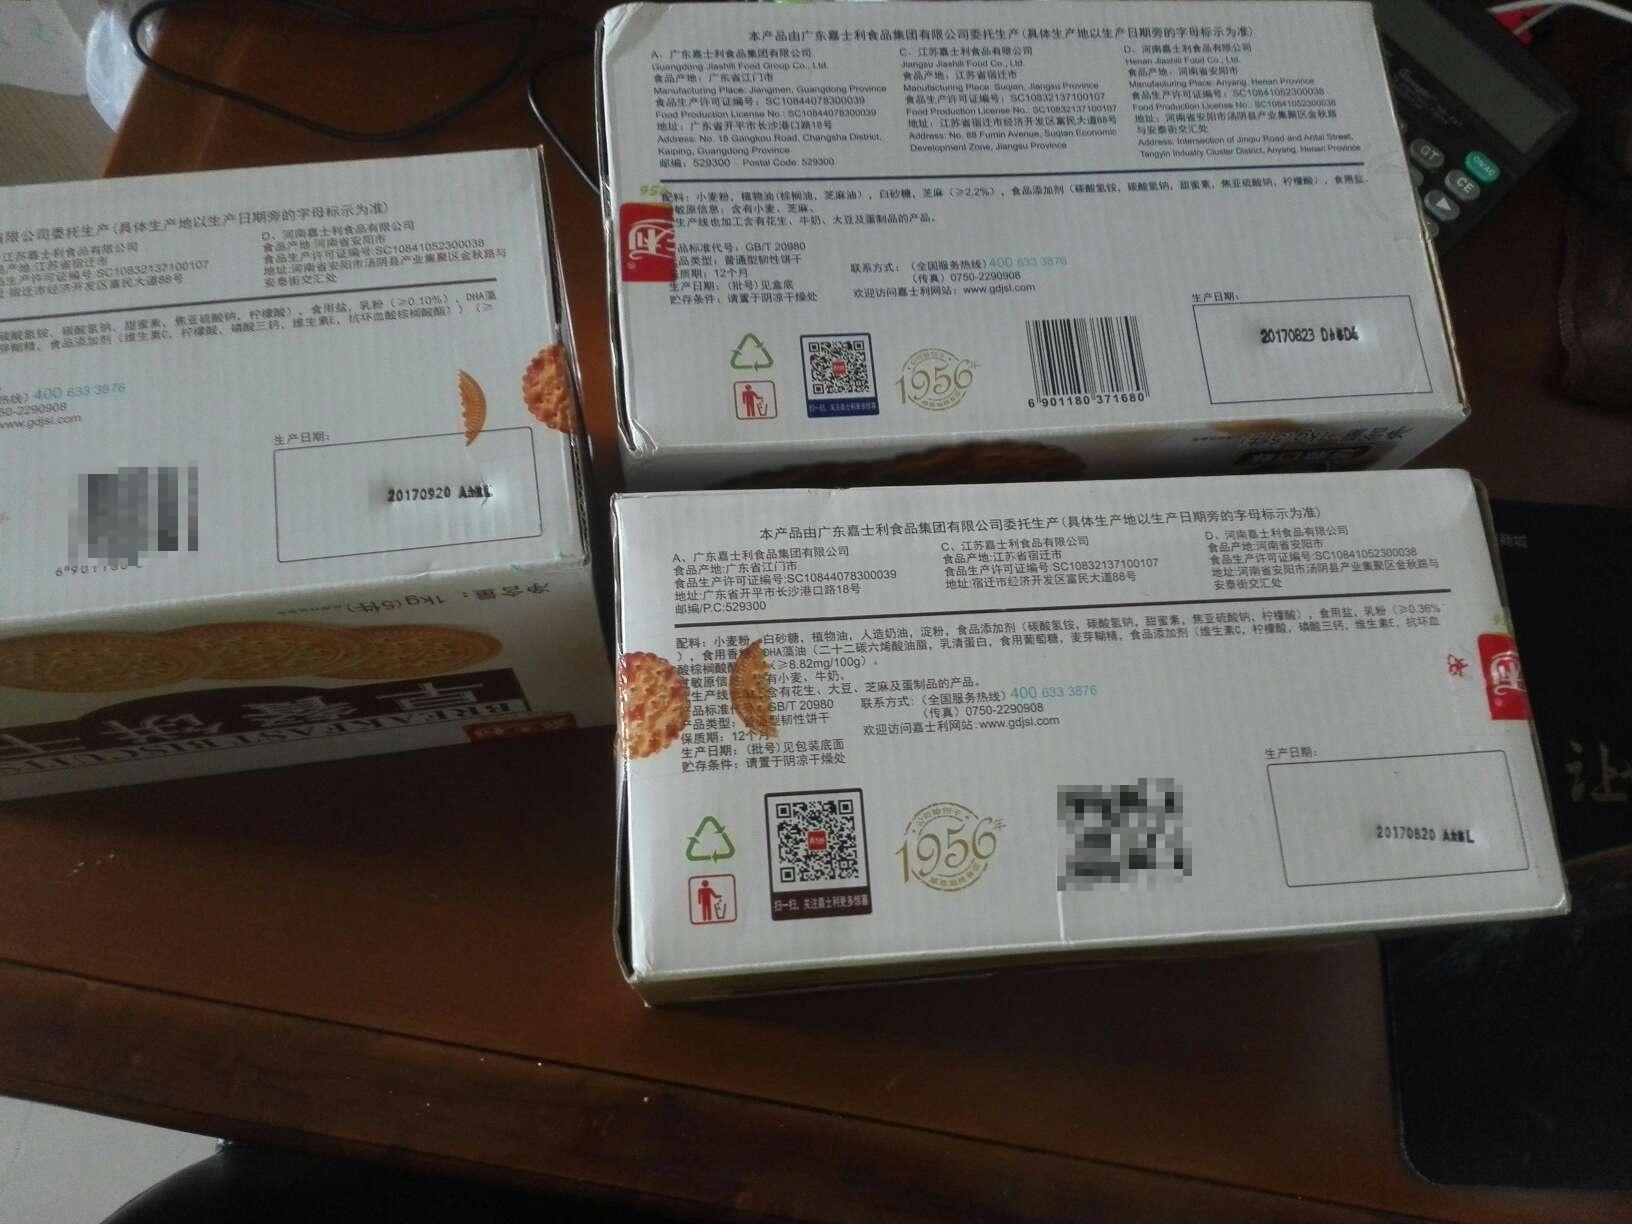 buy asics gel lyte uk 0026506 outlet